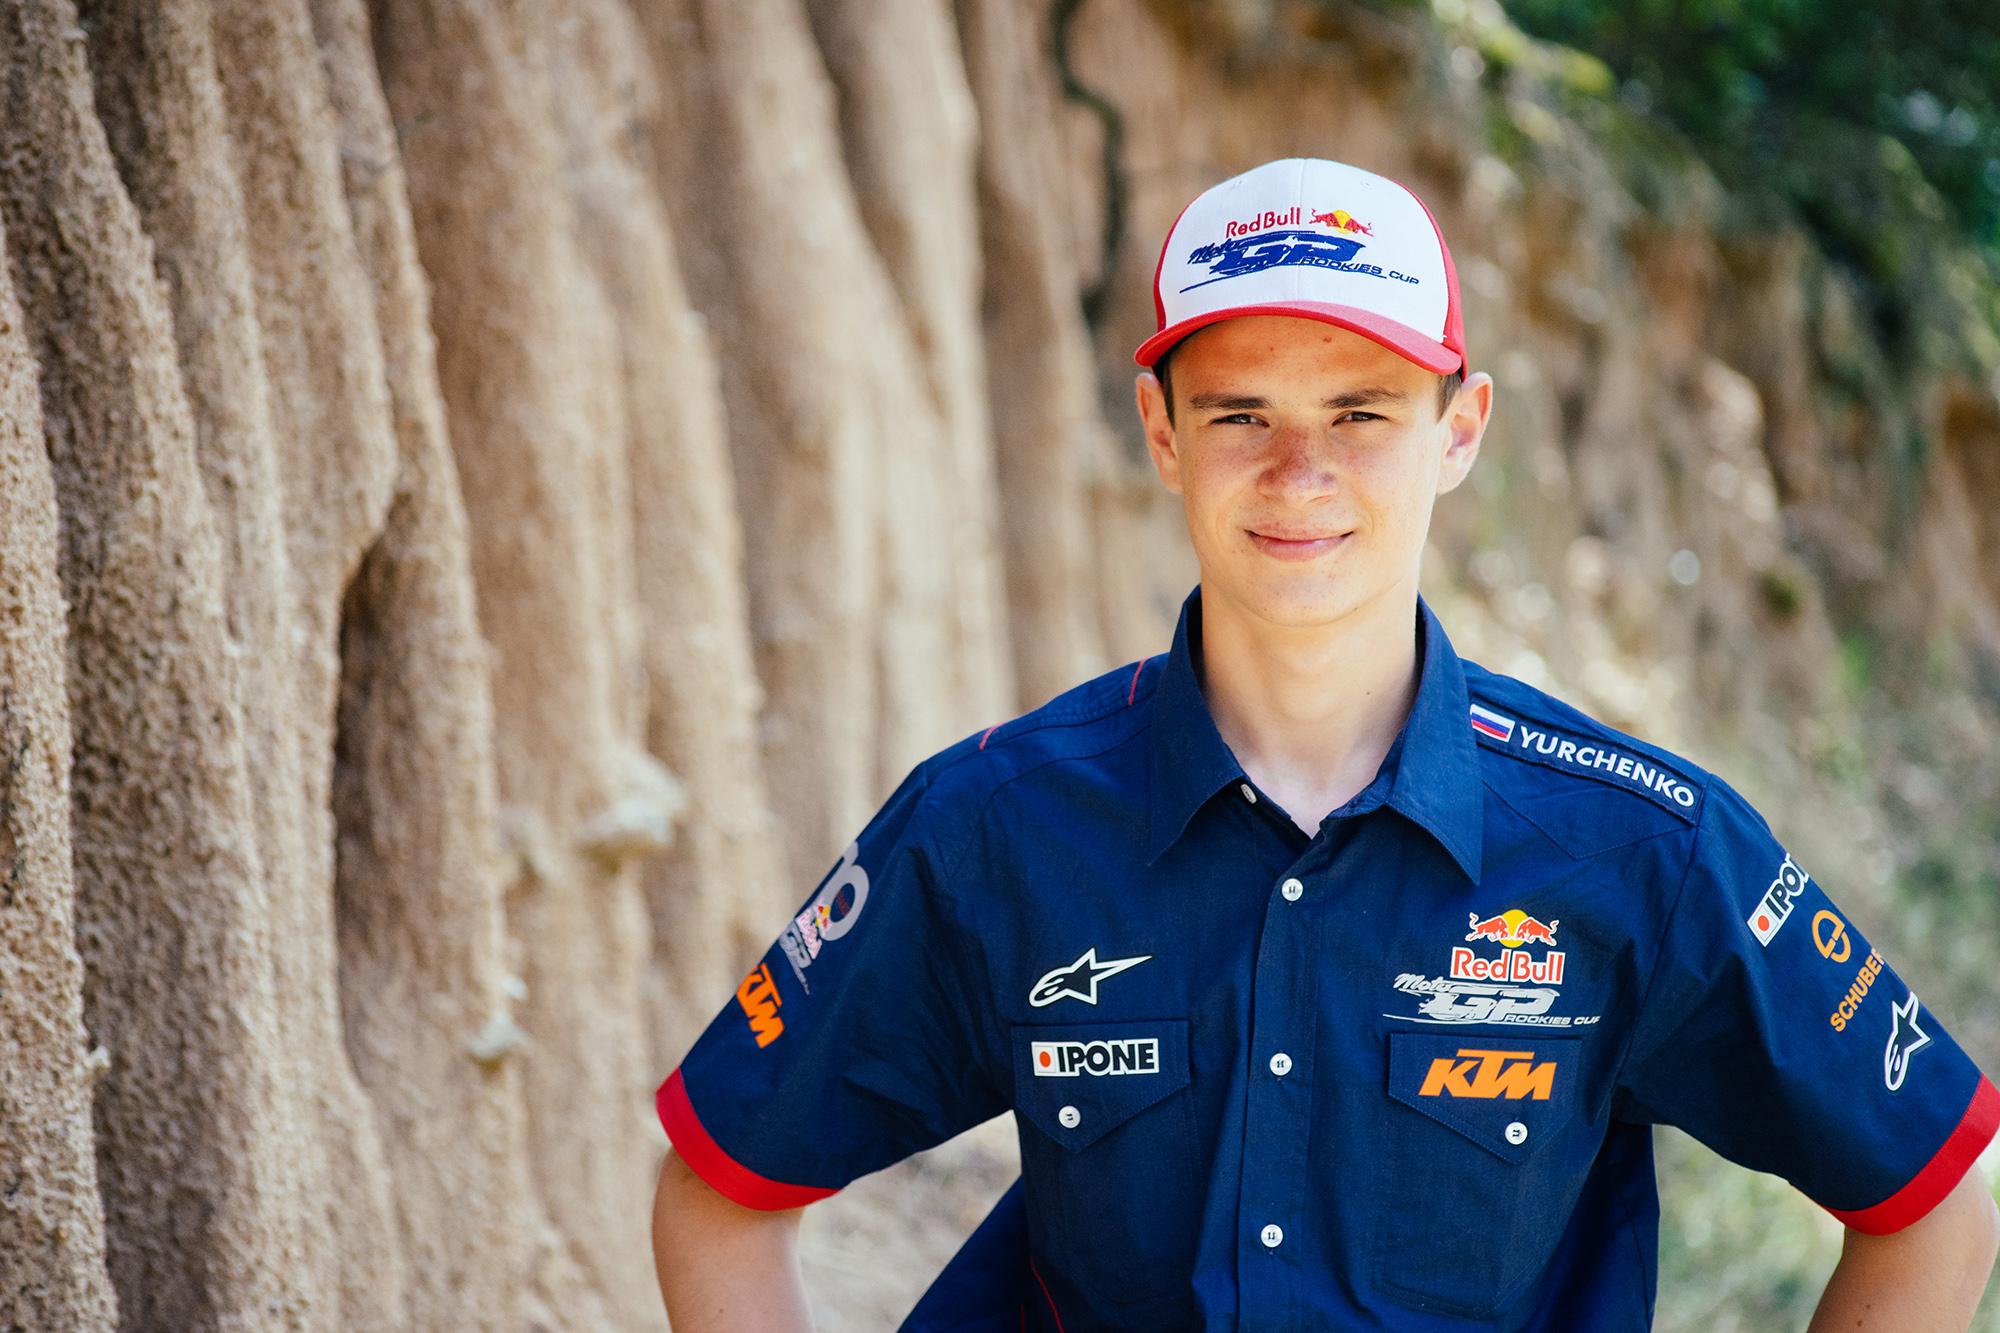 Макар Юрченко - прорыв в MotoGP